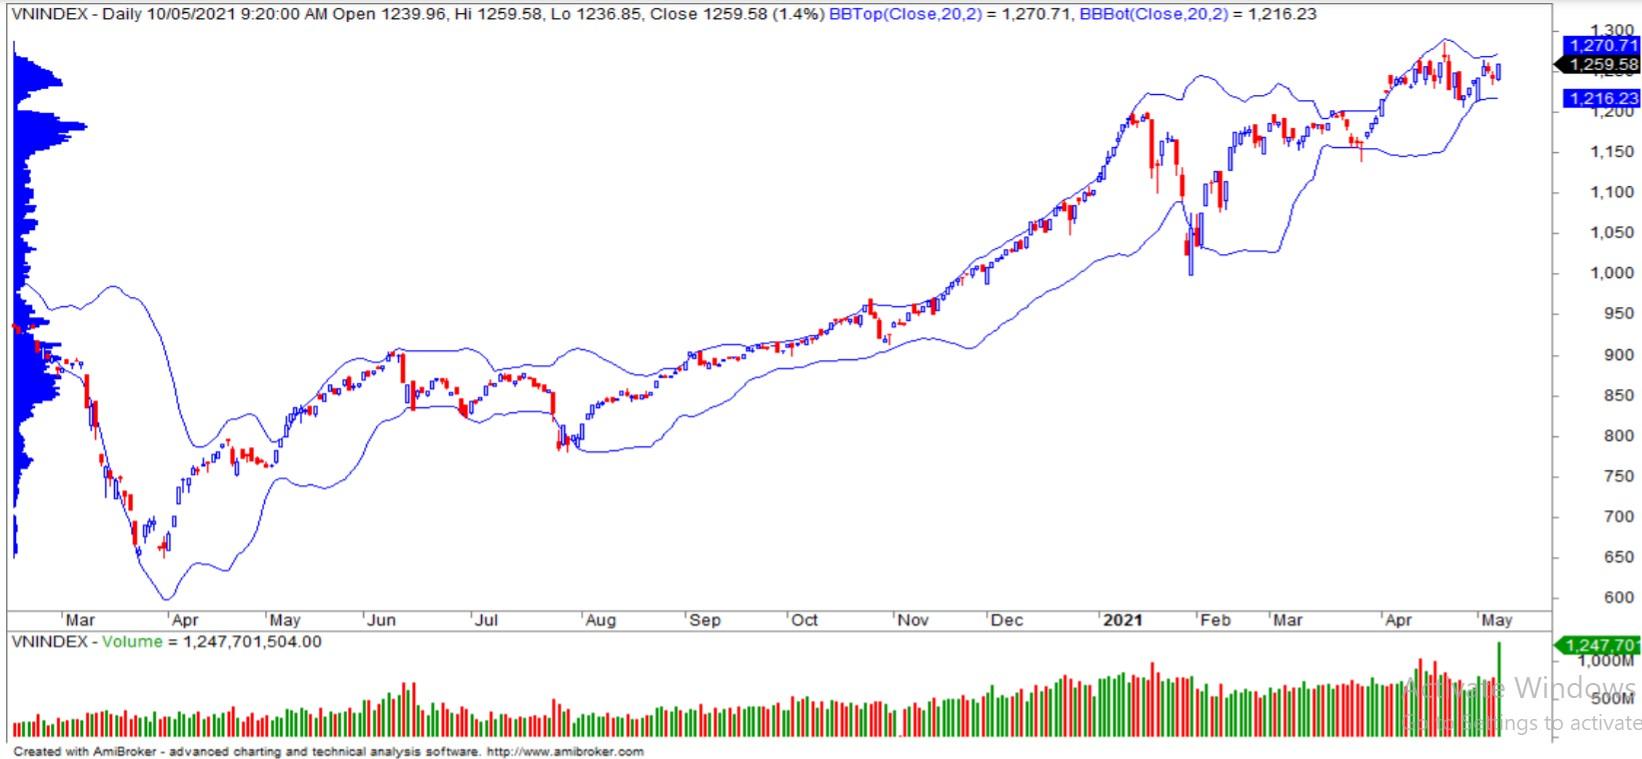 Nhận định thị trường chứng khoán ngày 12/5: Giằng co quanh ngưỡng 1.240 - 1.270 - Ảnh 1.